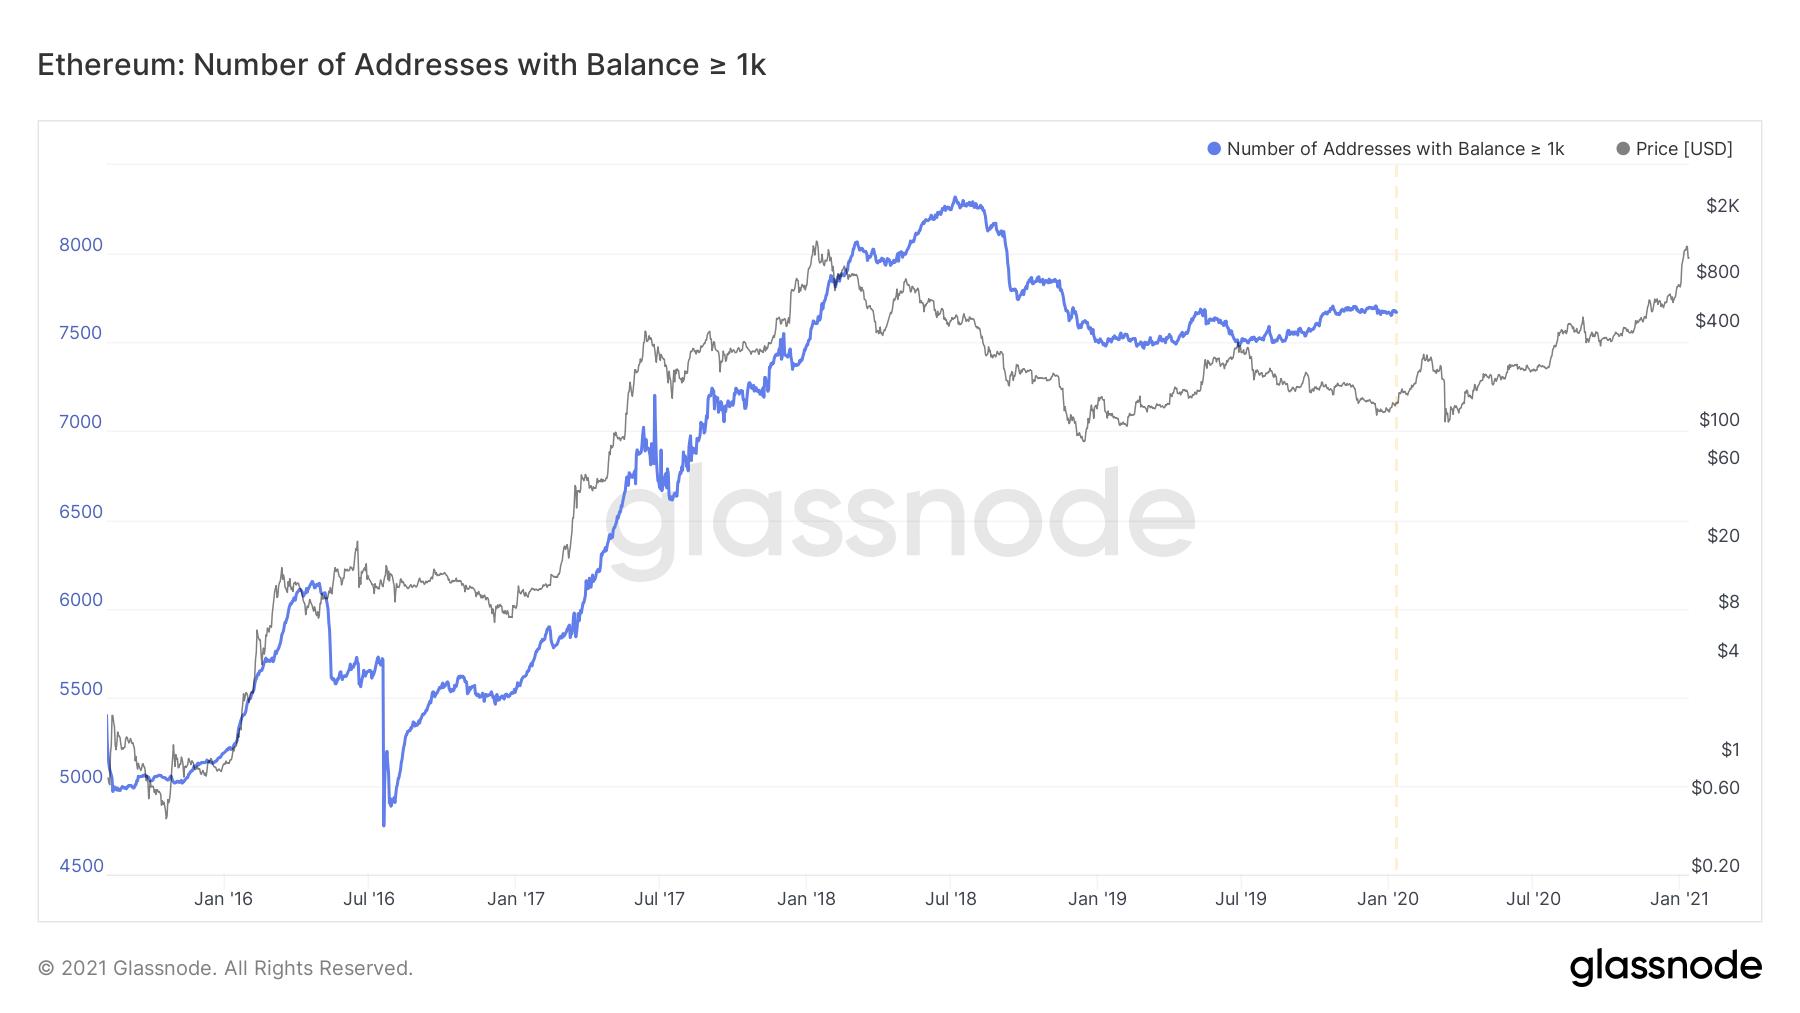 Por qué Ethereum se enfrenta a una resistencia masiva en su camino hacia ATH